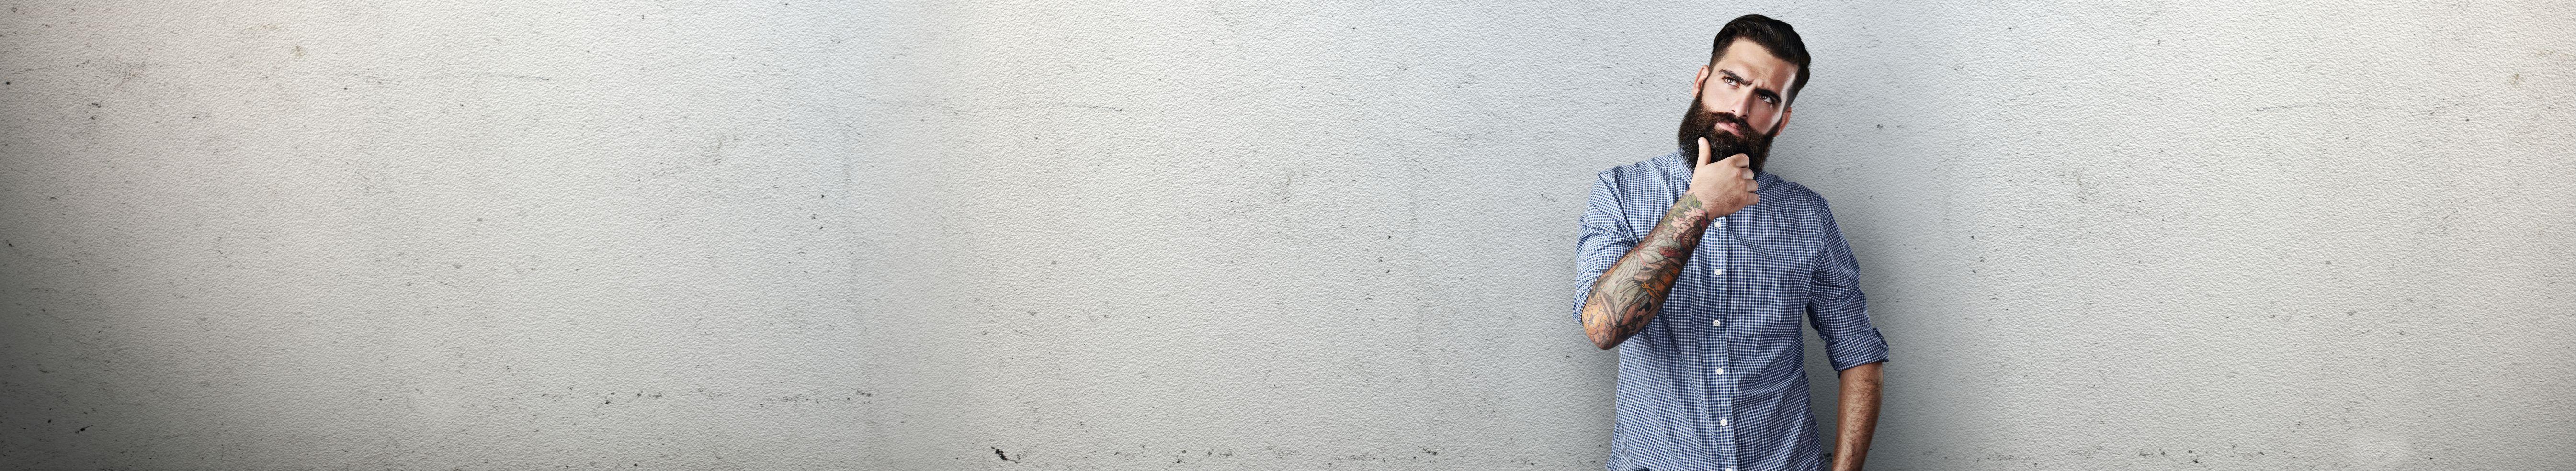 Borduren en textieldruk Winschoten 1.jpg